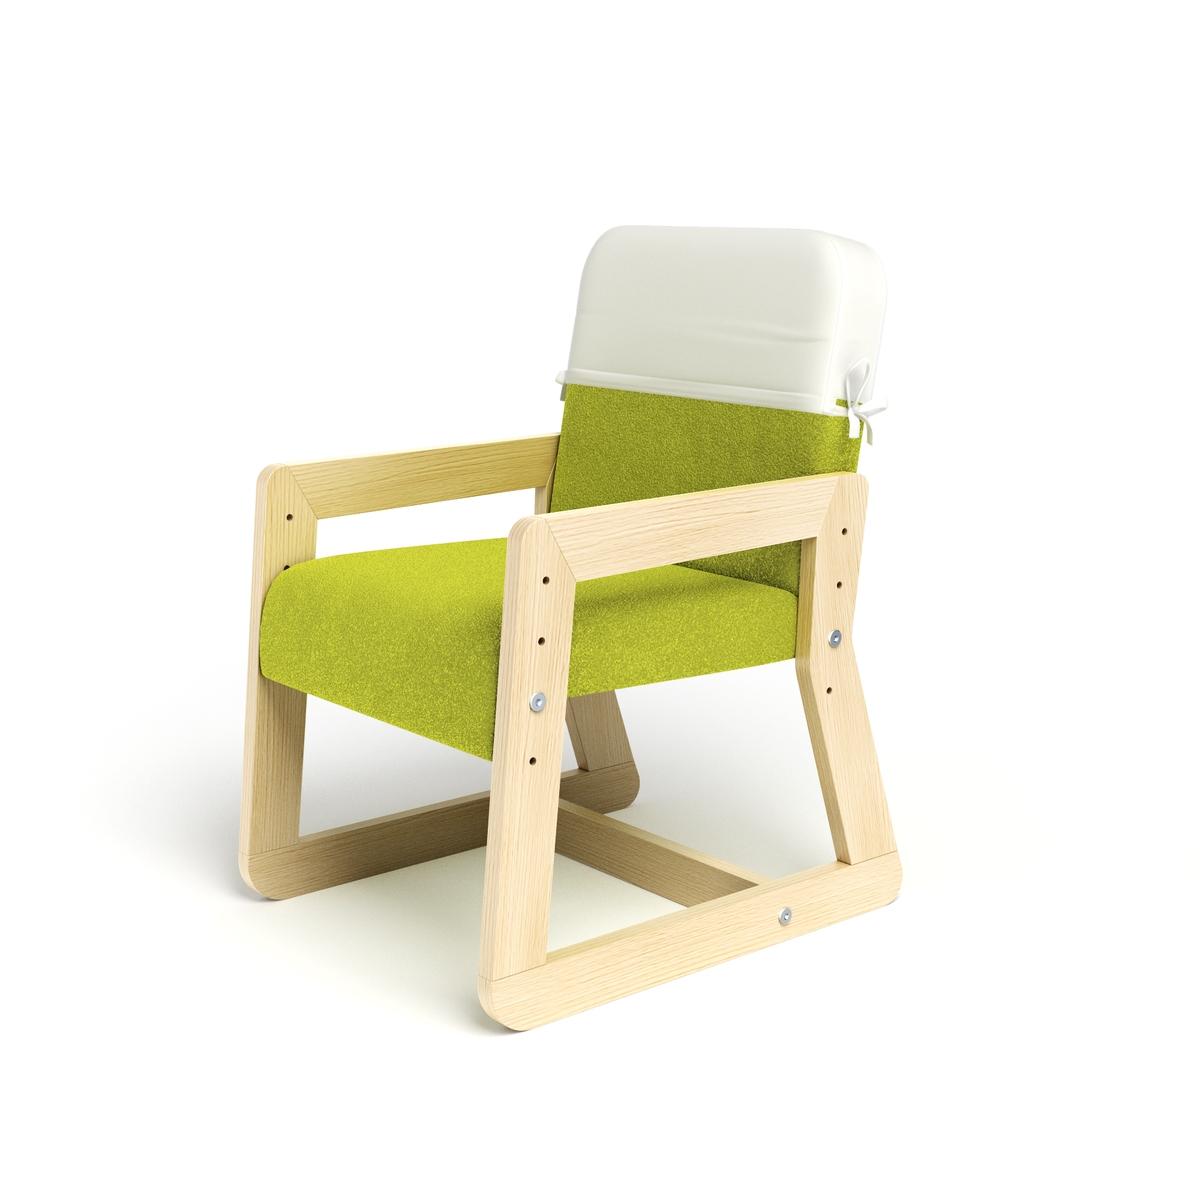 scaun pentru copii cea mai recentă pregătire a viermilor